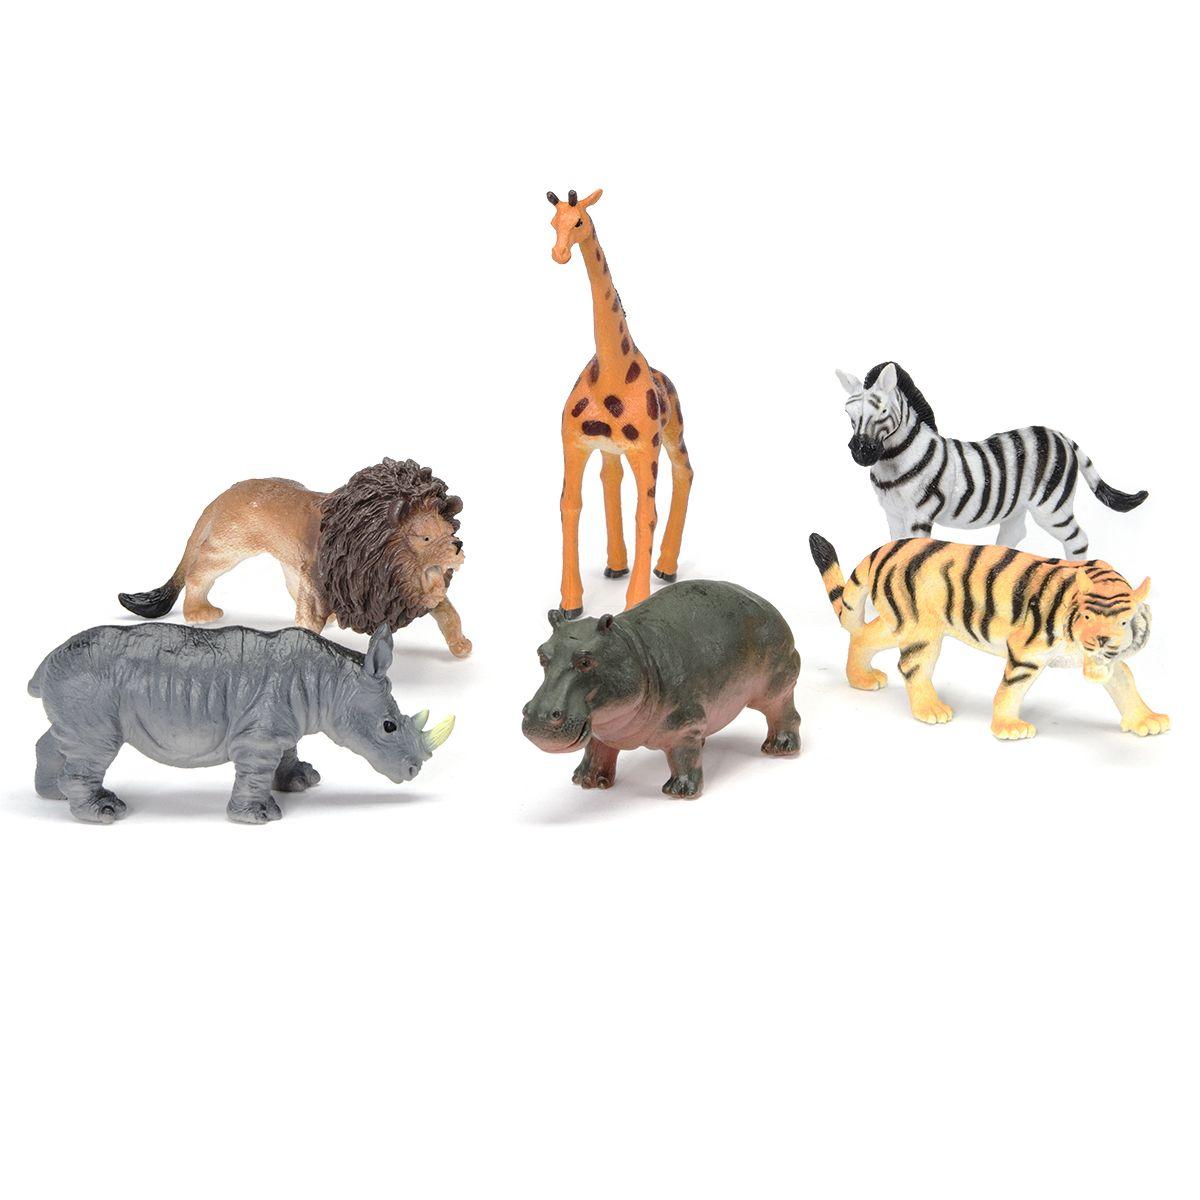 Alligator-Schleich monde de nature sauvage Enfants Animal Jouet Figurine Miniature